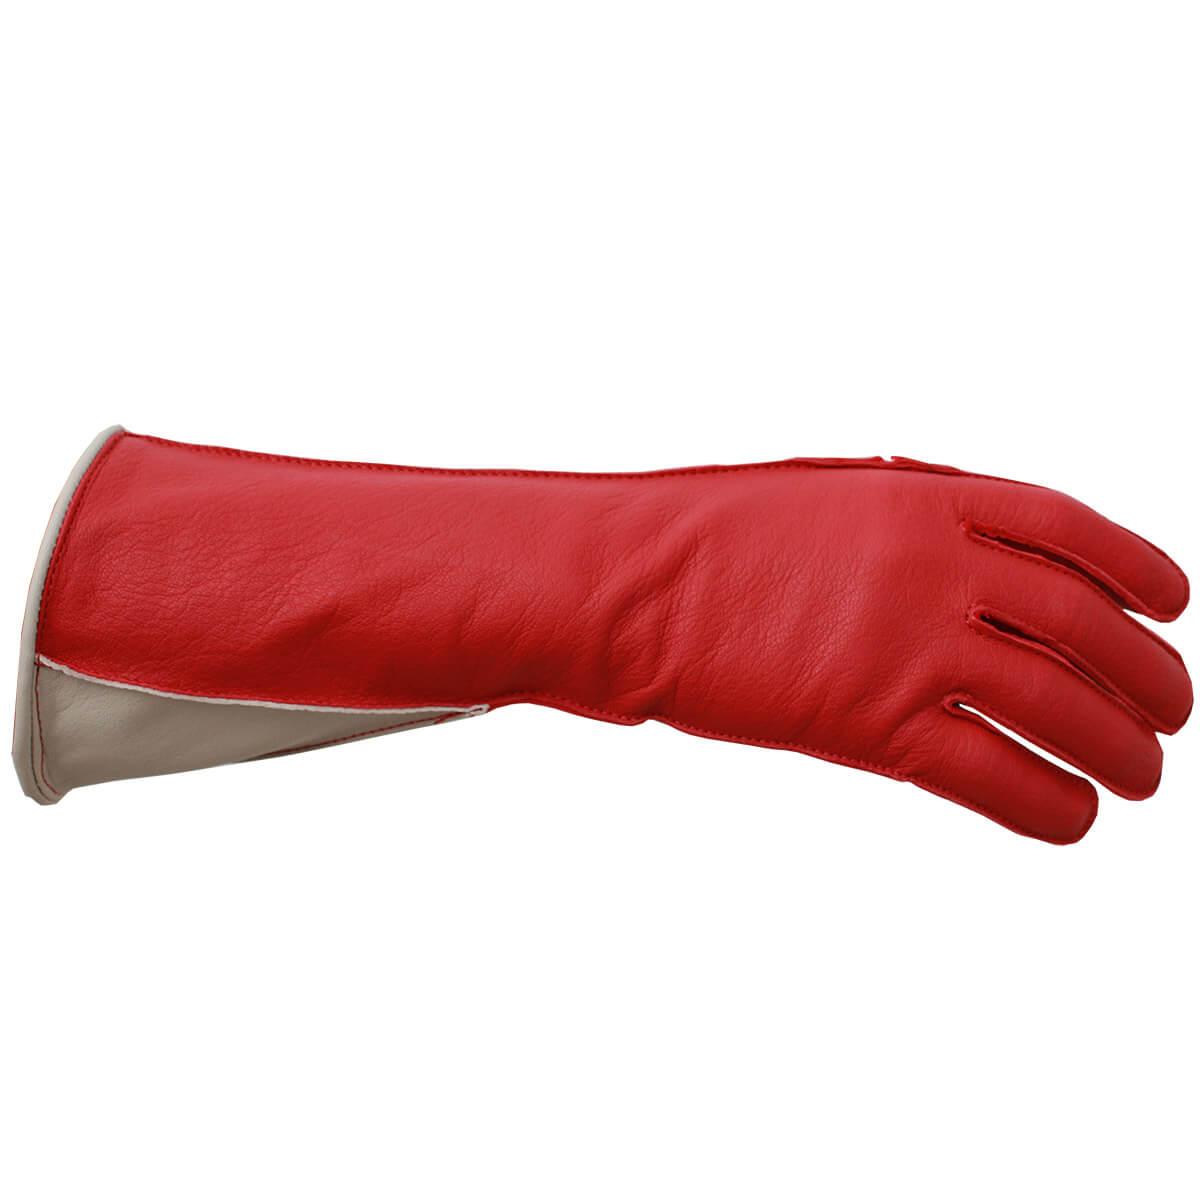 Luva De Montaria Guilherme Marchi Mão Esquerda Vermelha Logo Prata